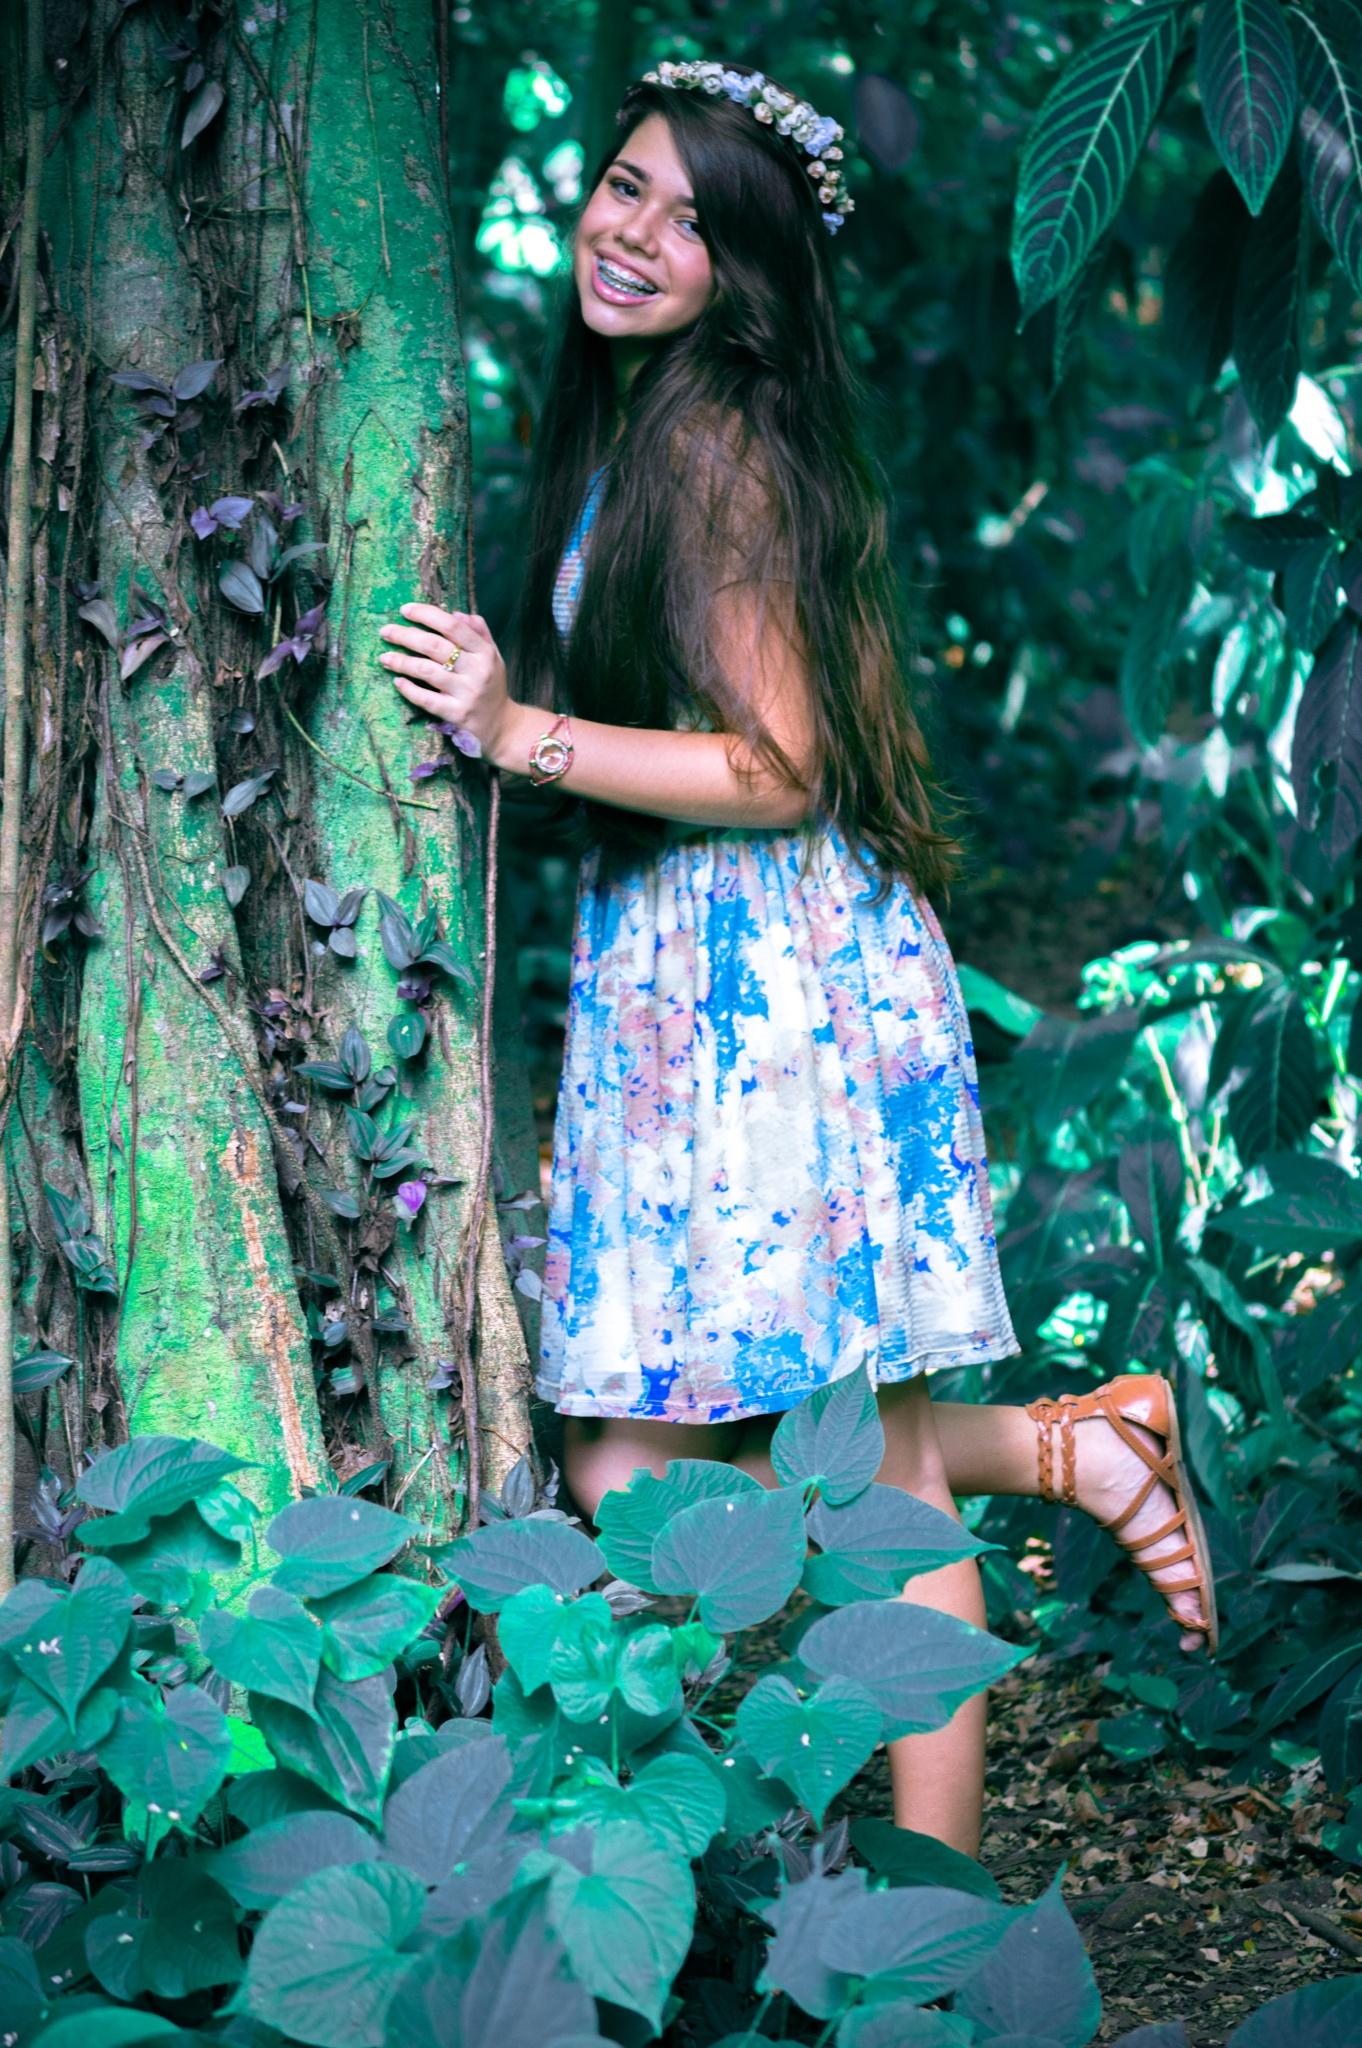 Priscila Wanderley - Sneak Peek by Lucas Ferreira